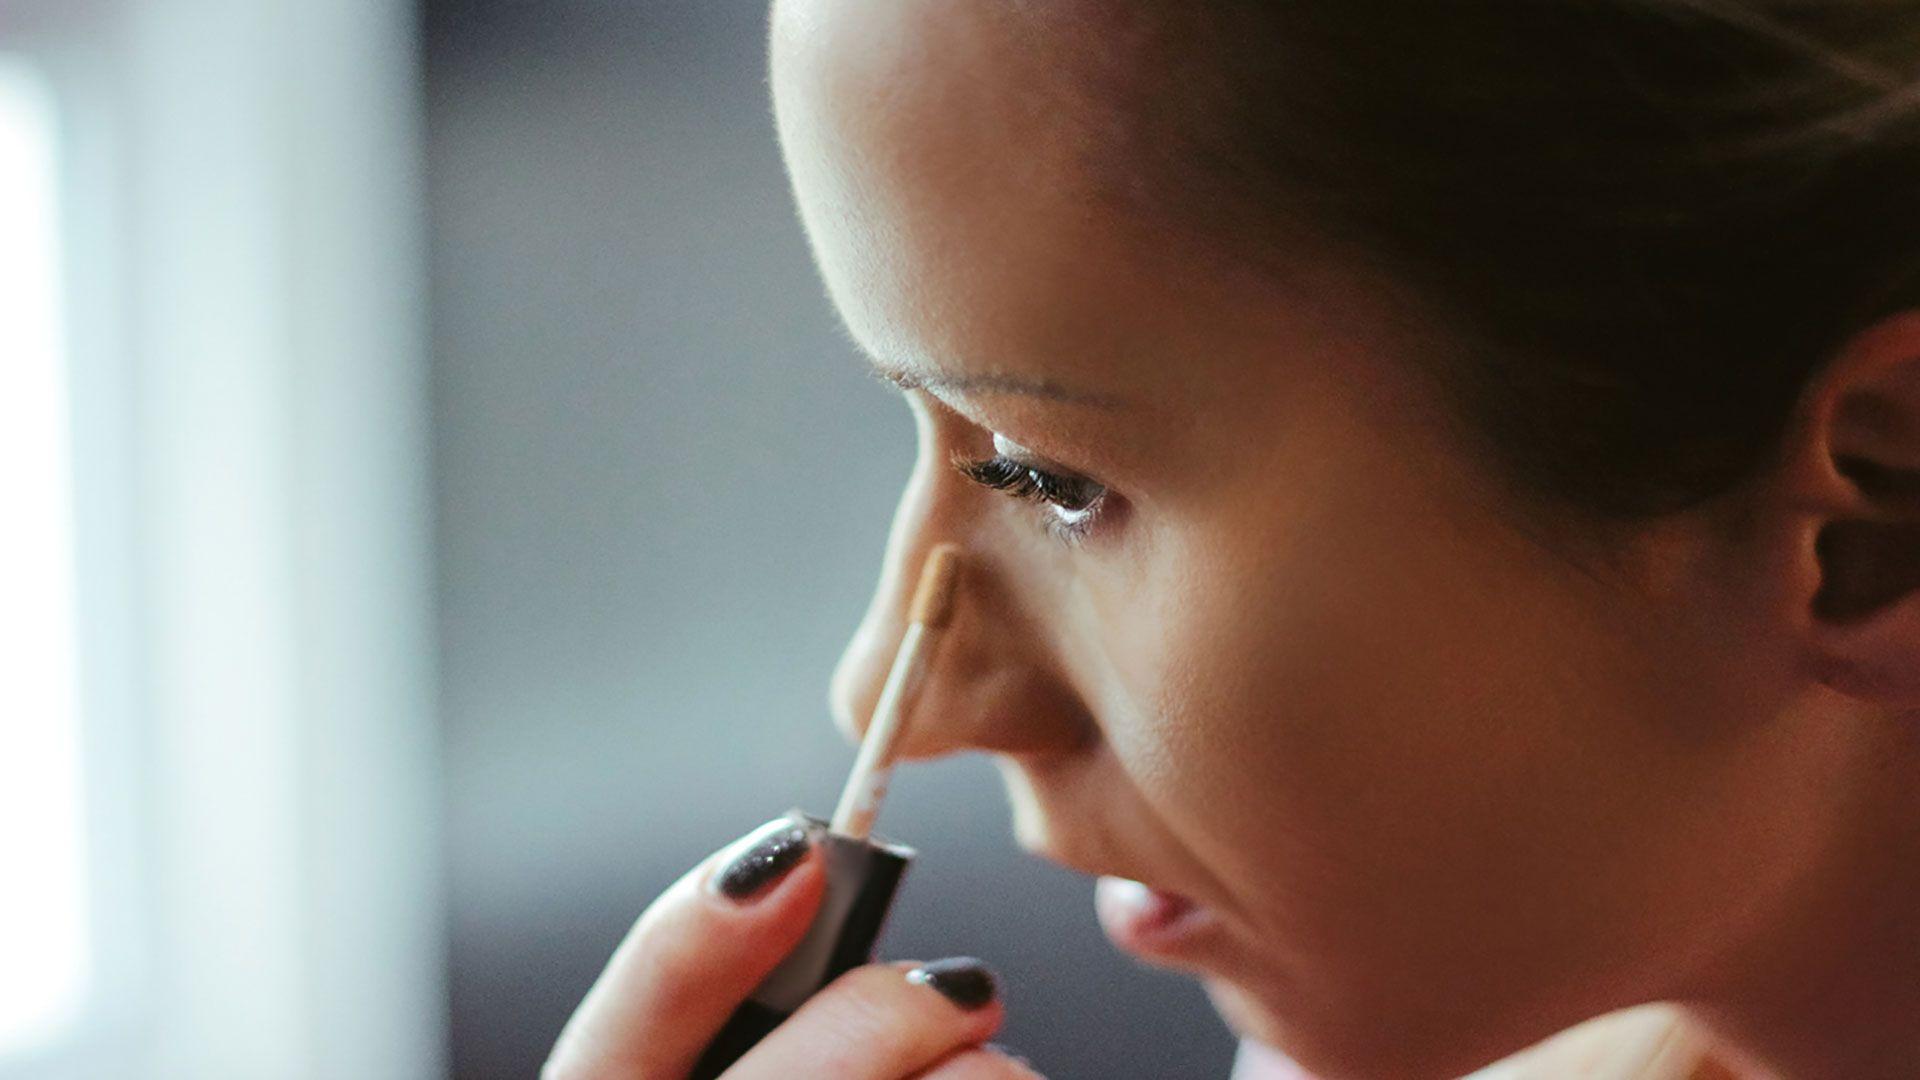 Aplica un poco de corrector en la zona de las ojeras y para disimular cualquier imperfección.